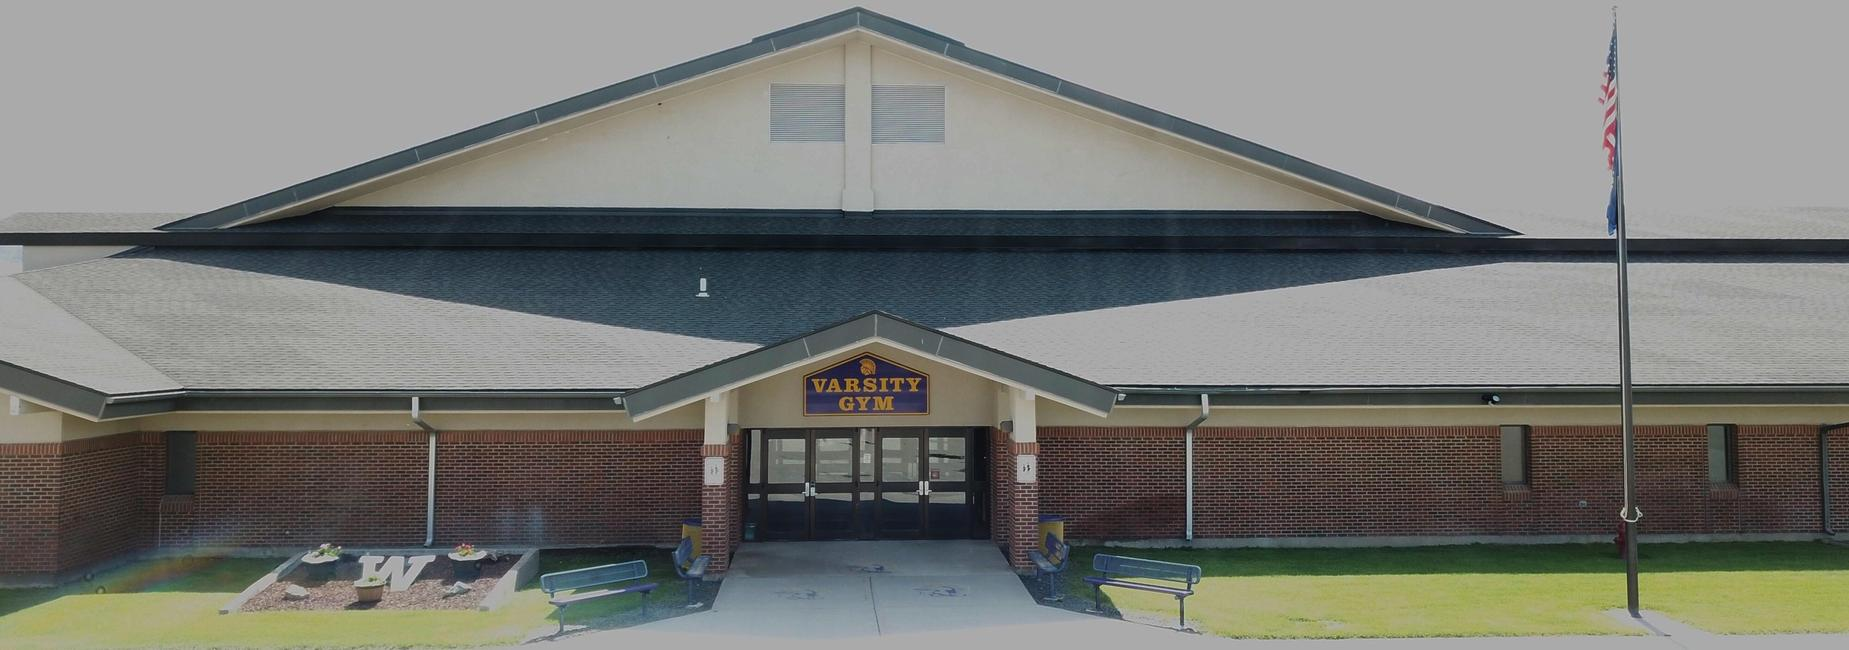 Varsity Gym